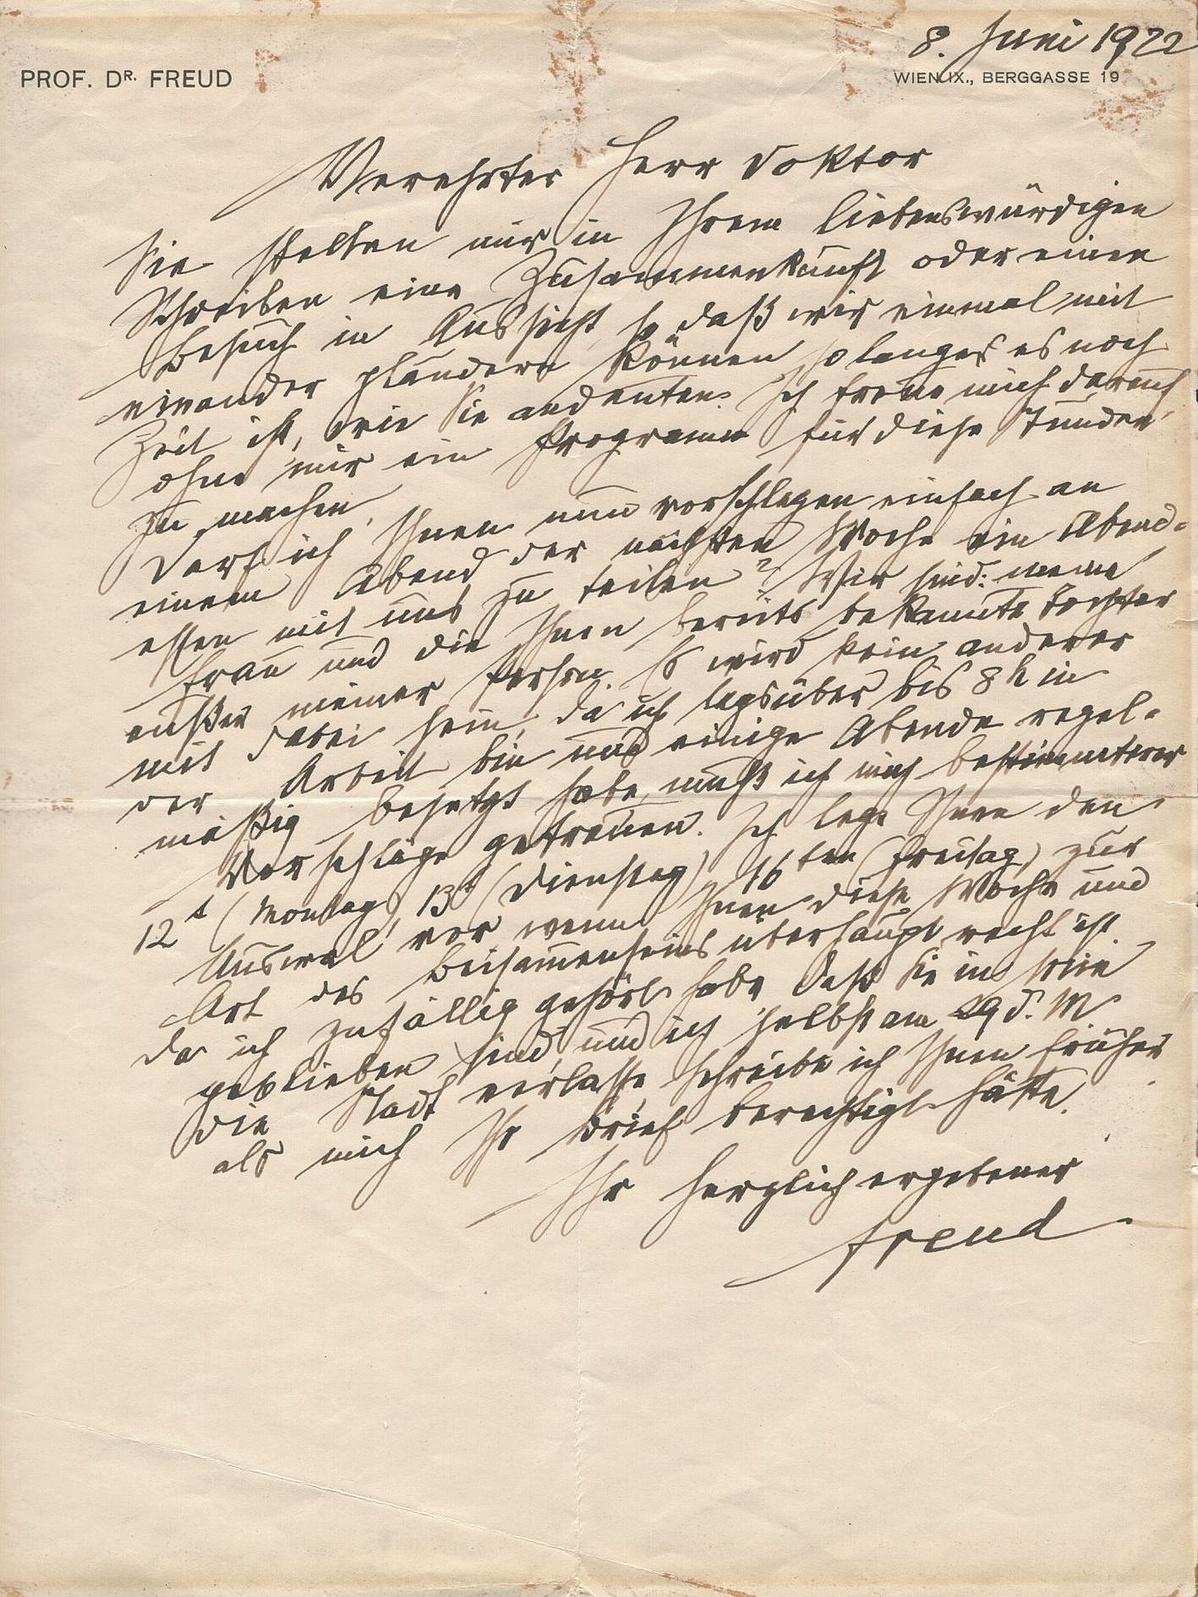 BriefFreud-Schnitzler1922cSigmundFreudPrivatstiftung-123803.jpg